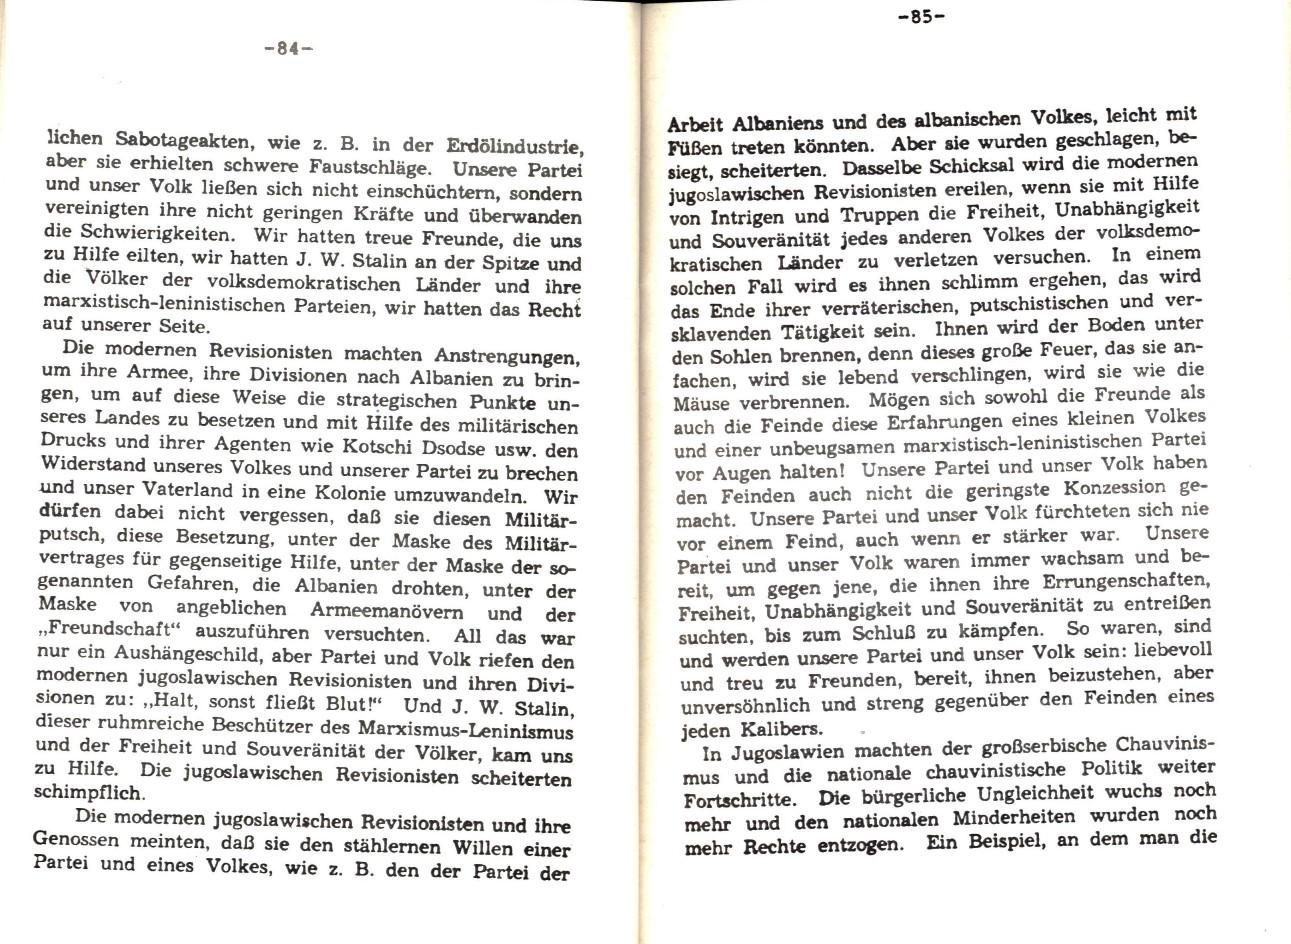 MLSK_Theorie_und_Praxis_des_ML_1979_24_44